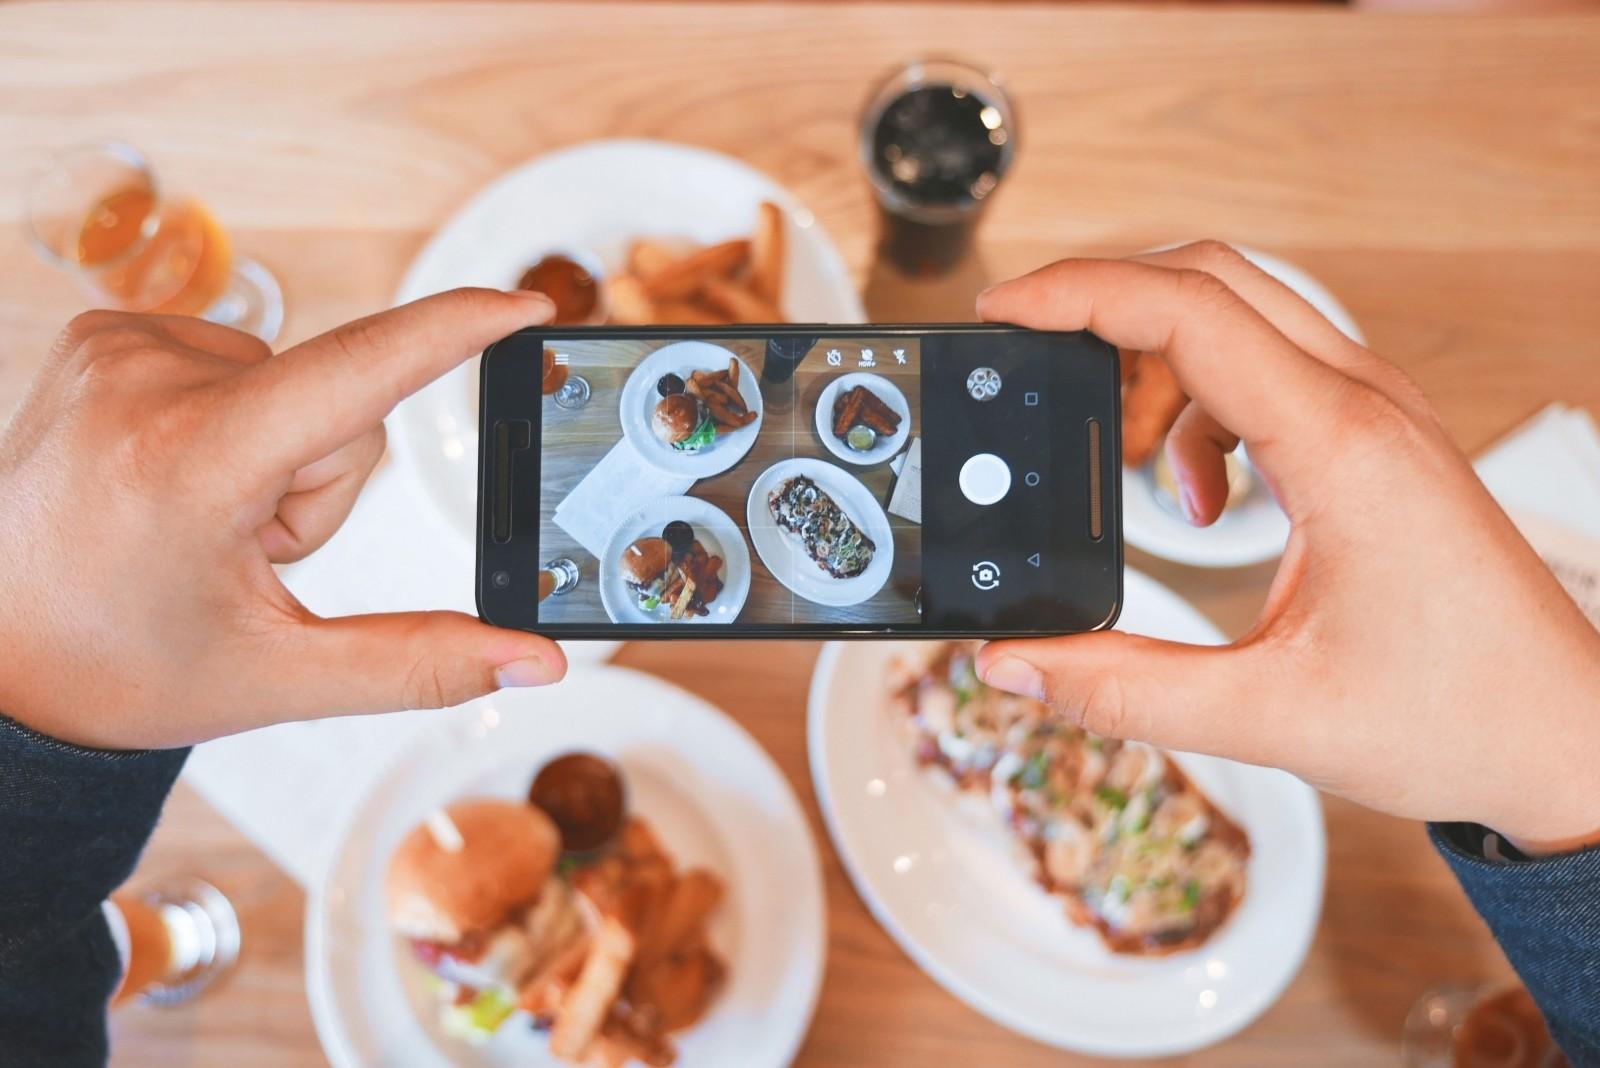 Come creare annunci su Instagram passo dopo passo? 1